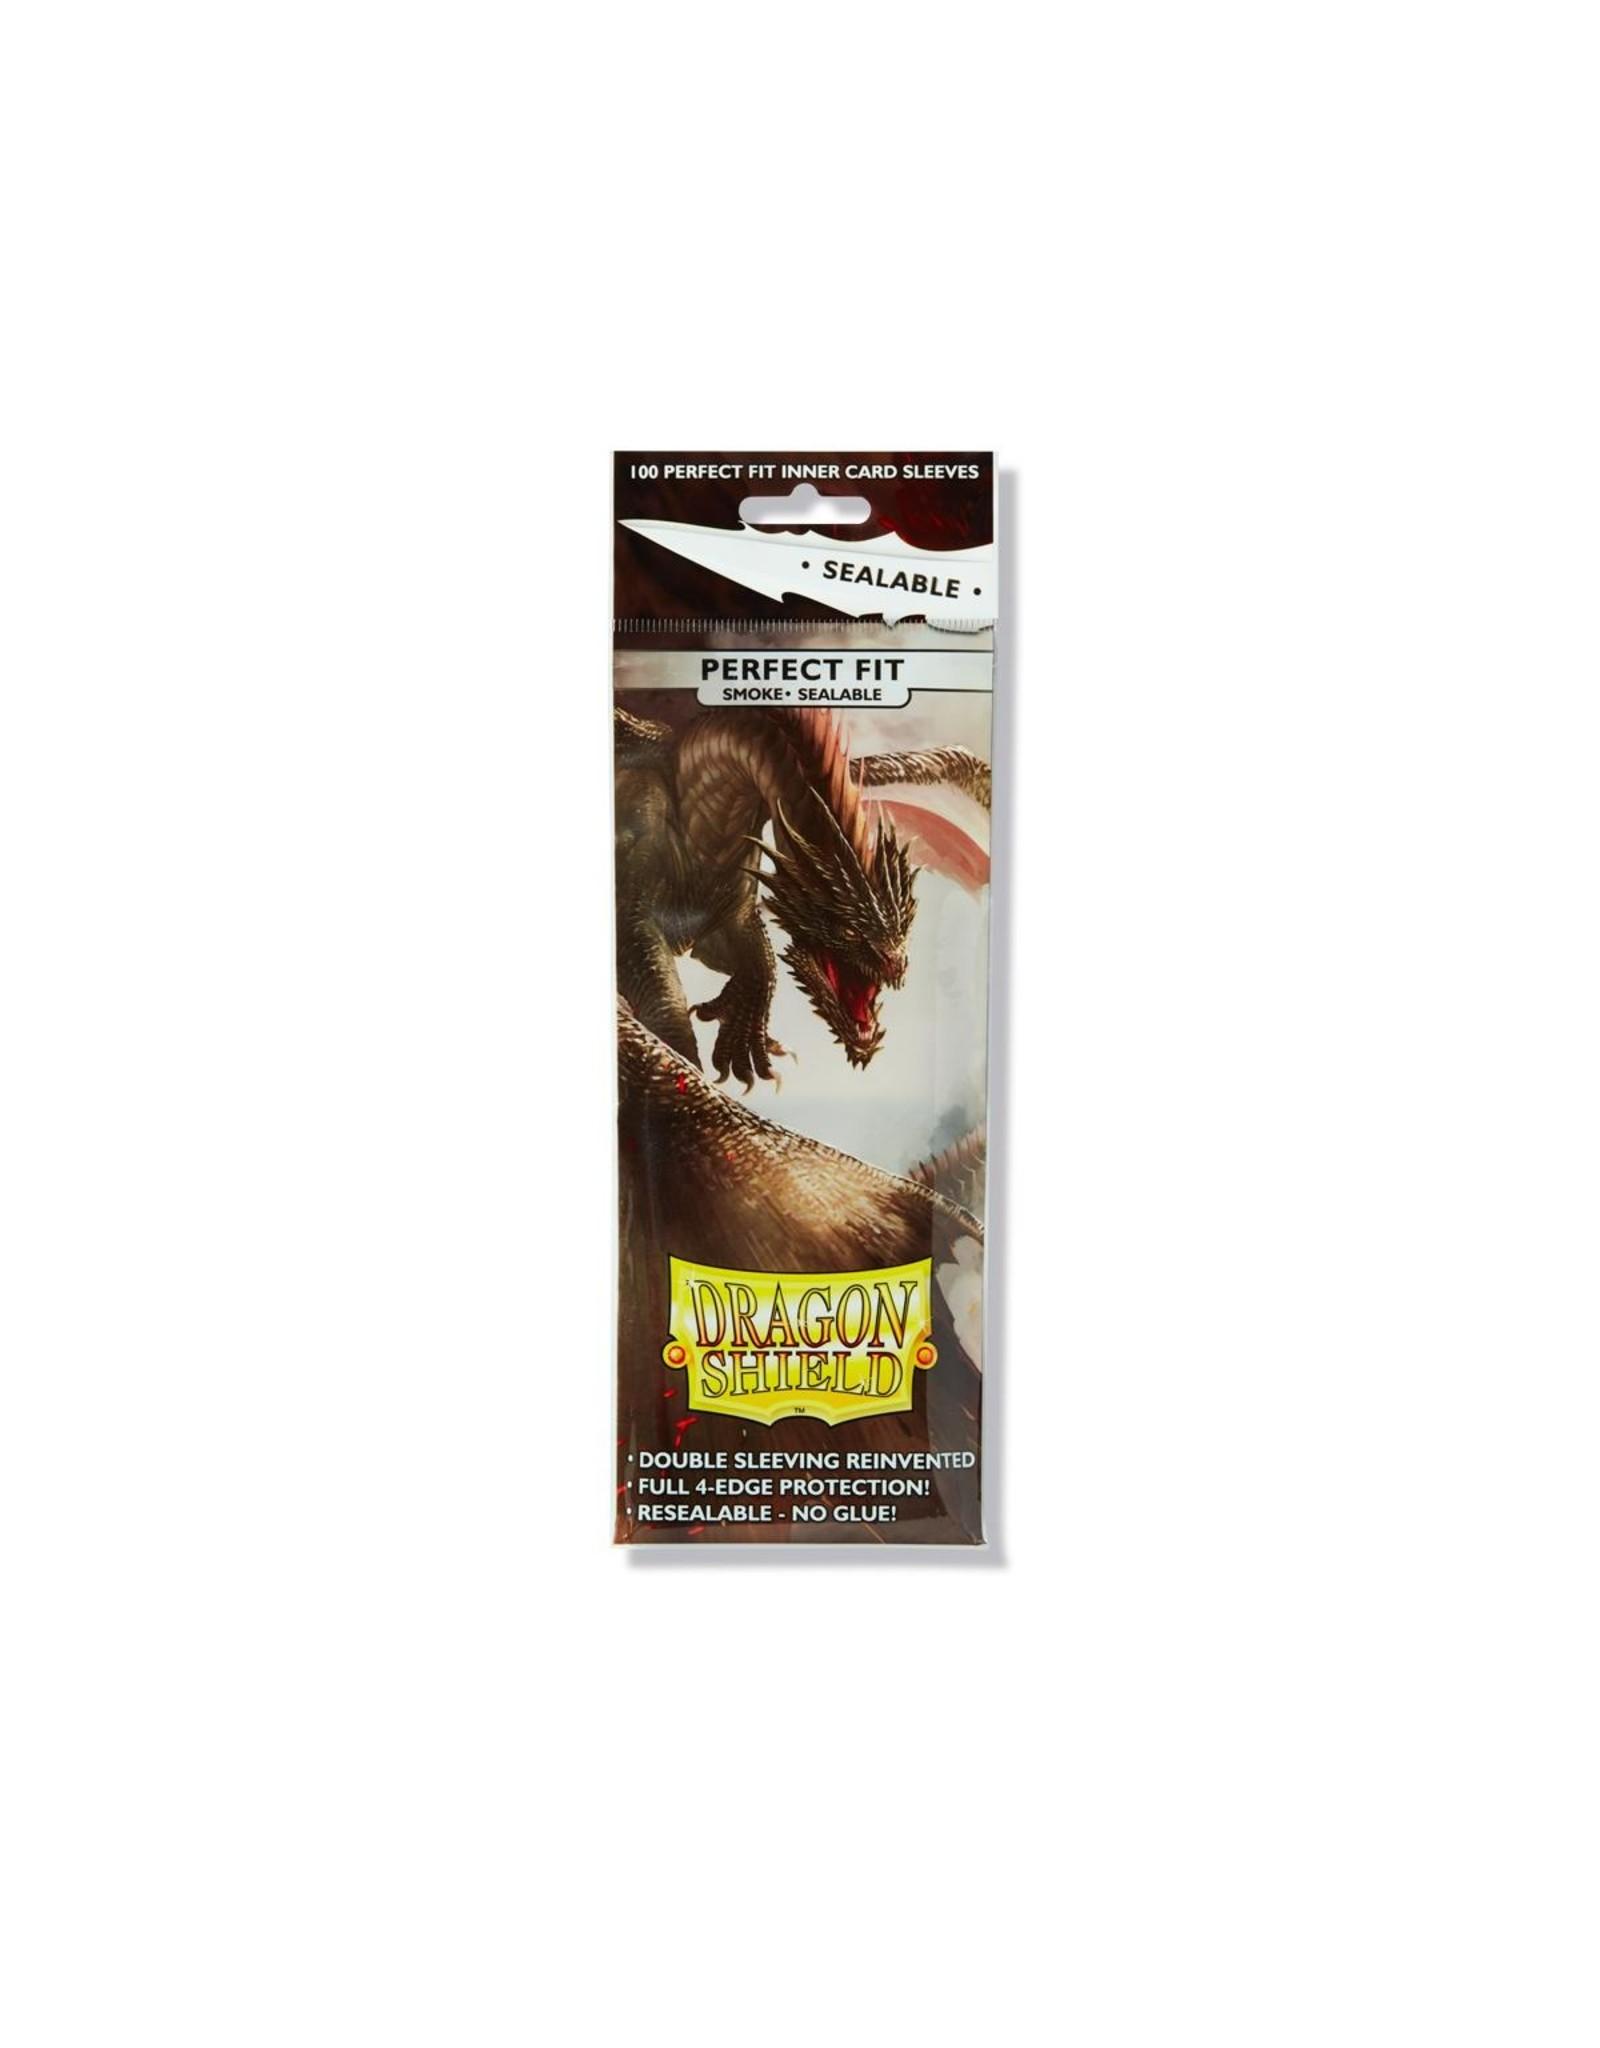 Dragon Shield Perfect Fit Sealable: (100) Smoke